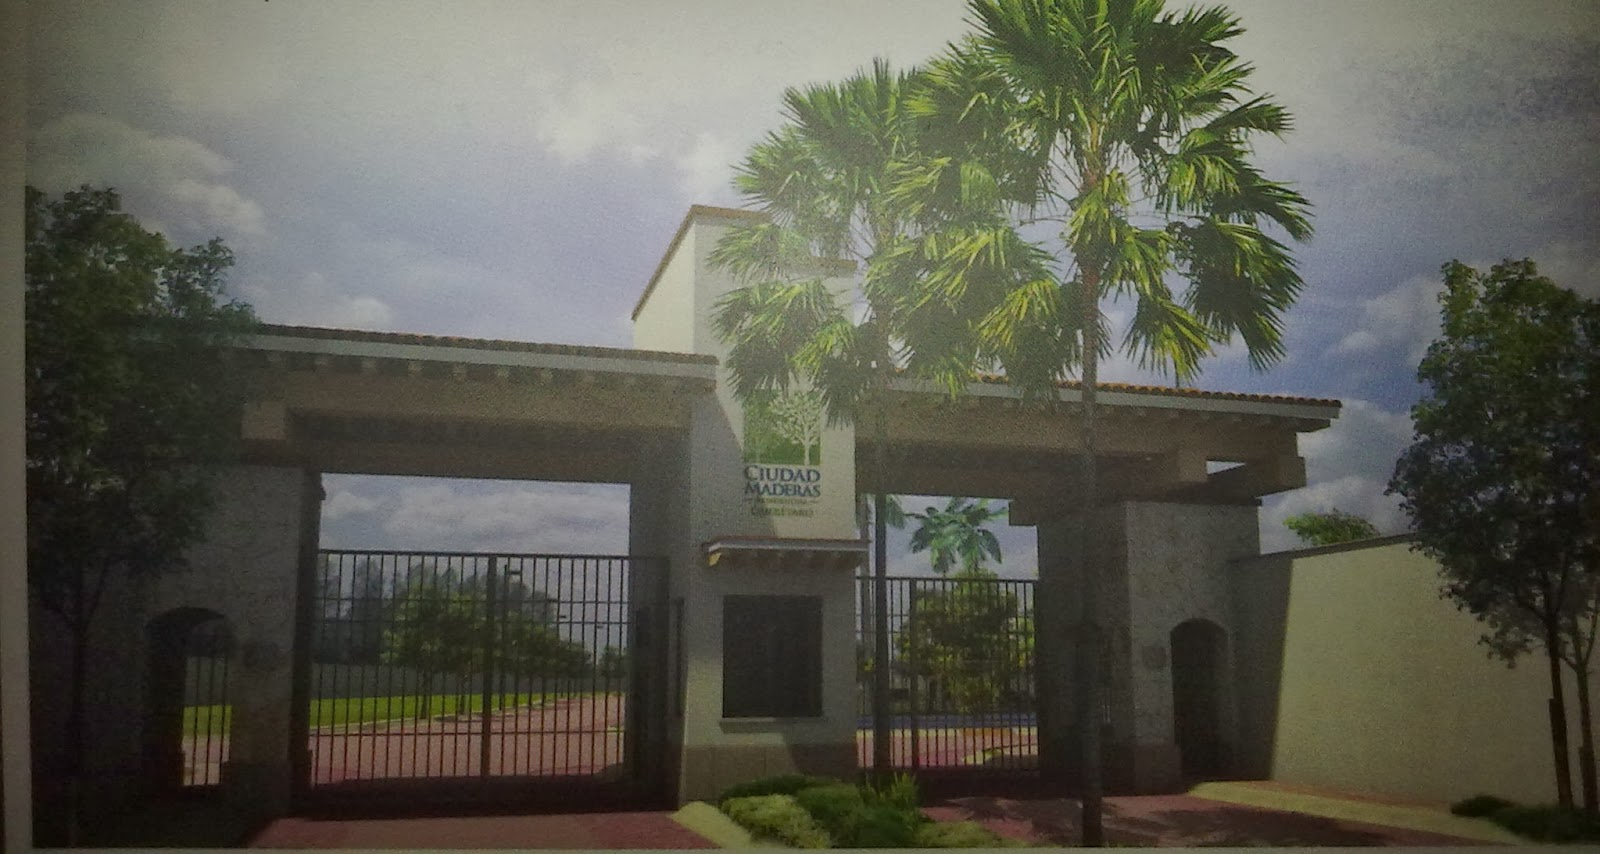 Inmobiliaria de la 30 lotes residenciales y comerciales for Inmobiliaria 4 arcos